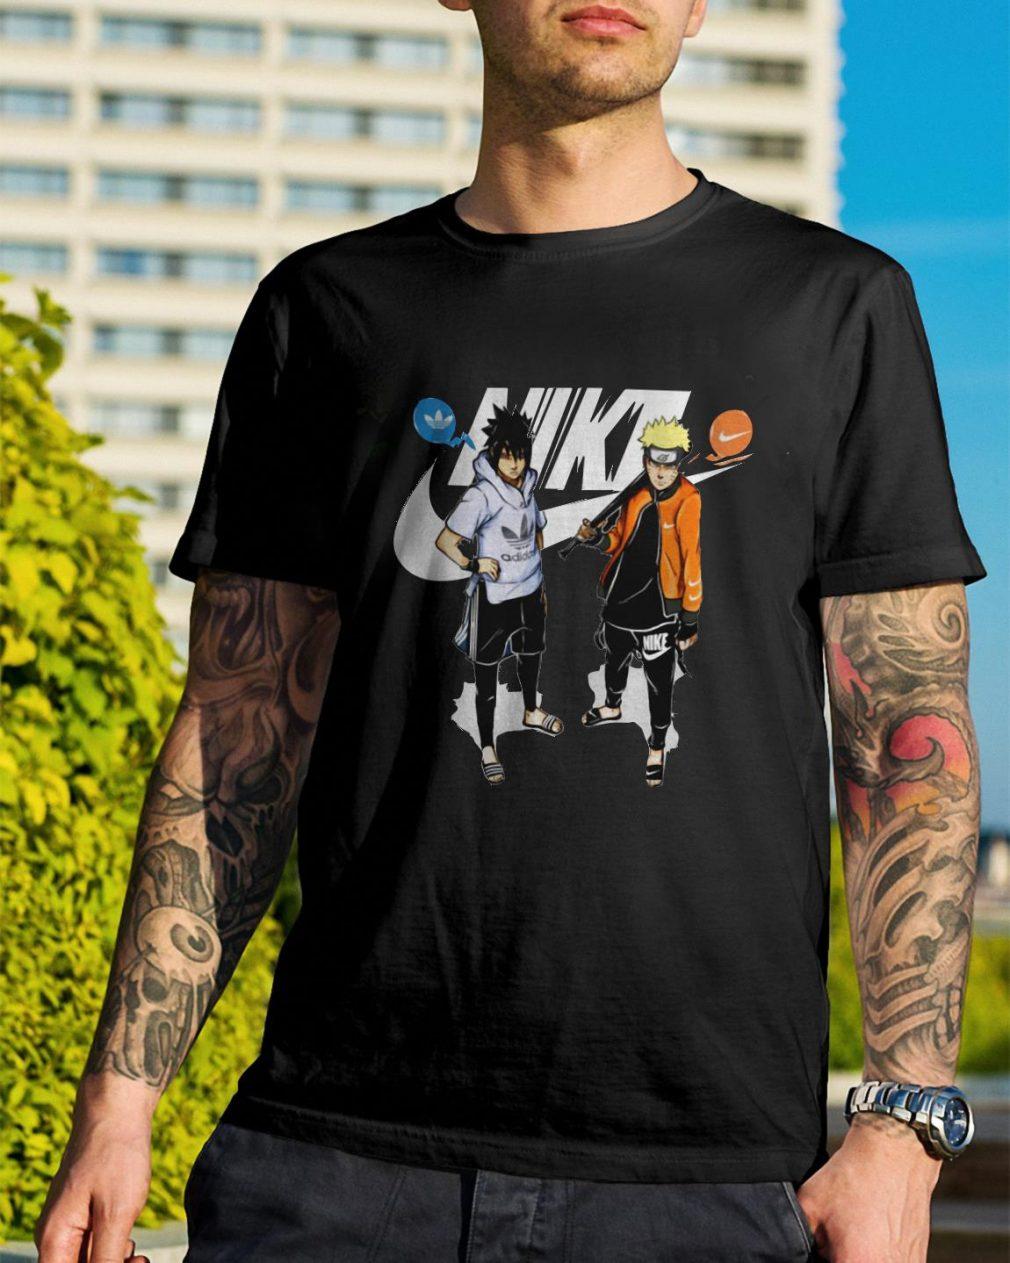 Naruto and Sasuke Nike Adidas shirt